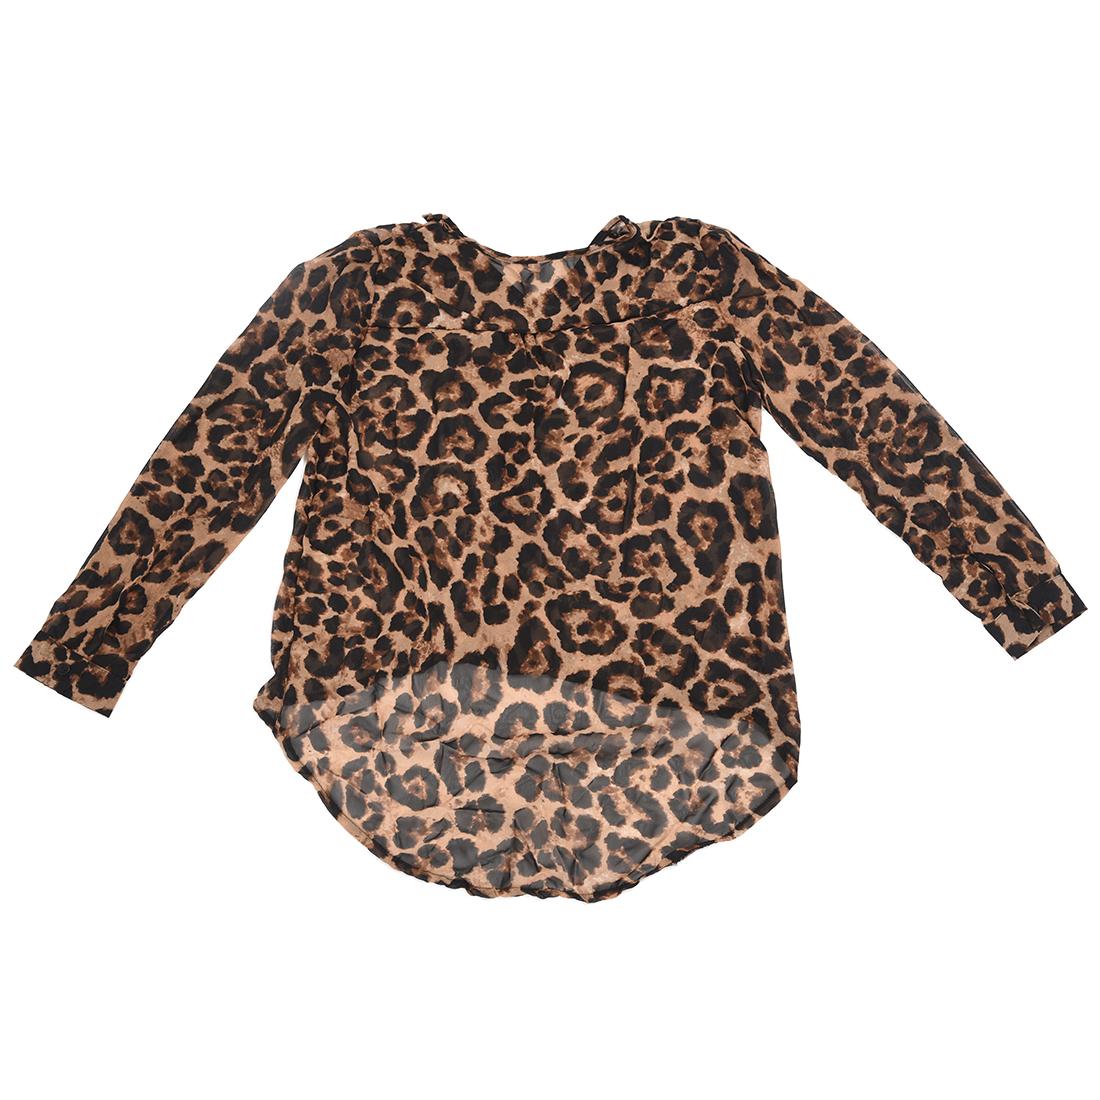 Leopard Blouse Ebay 121